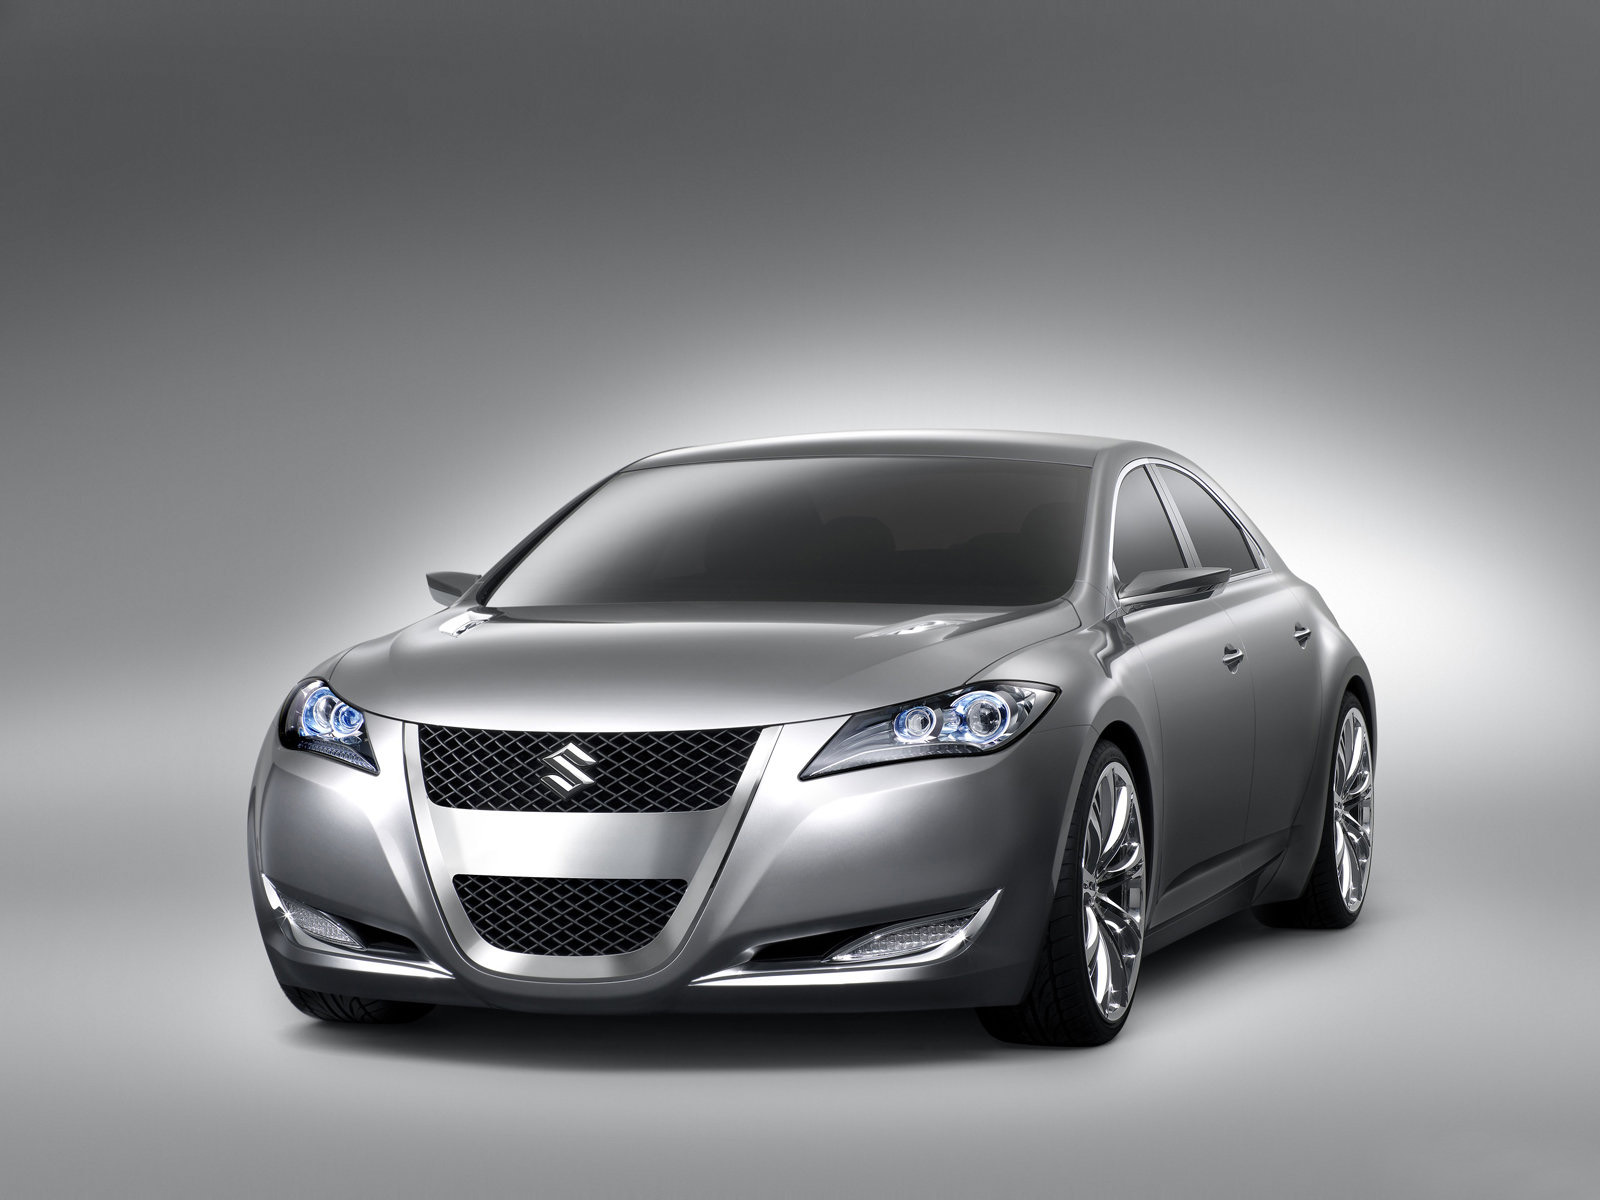 Desktop Hintergrundbilder Suzuki - Autos automobil auto Autos